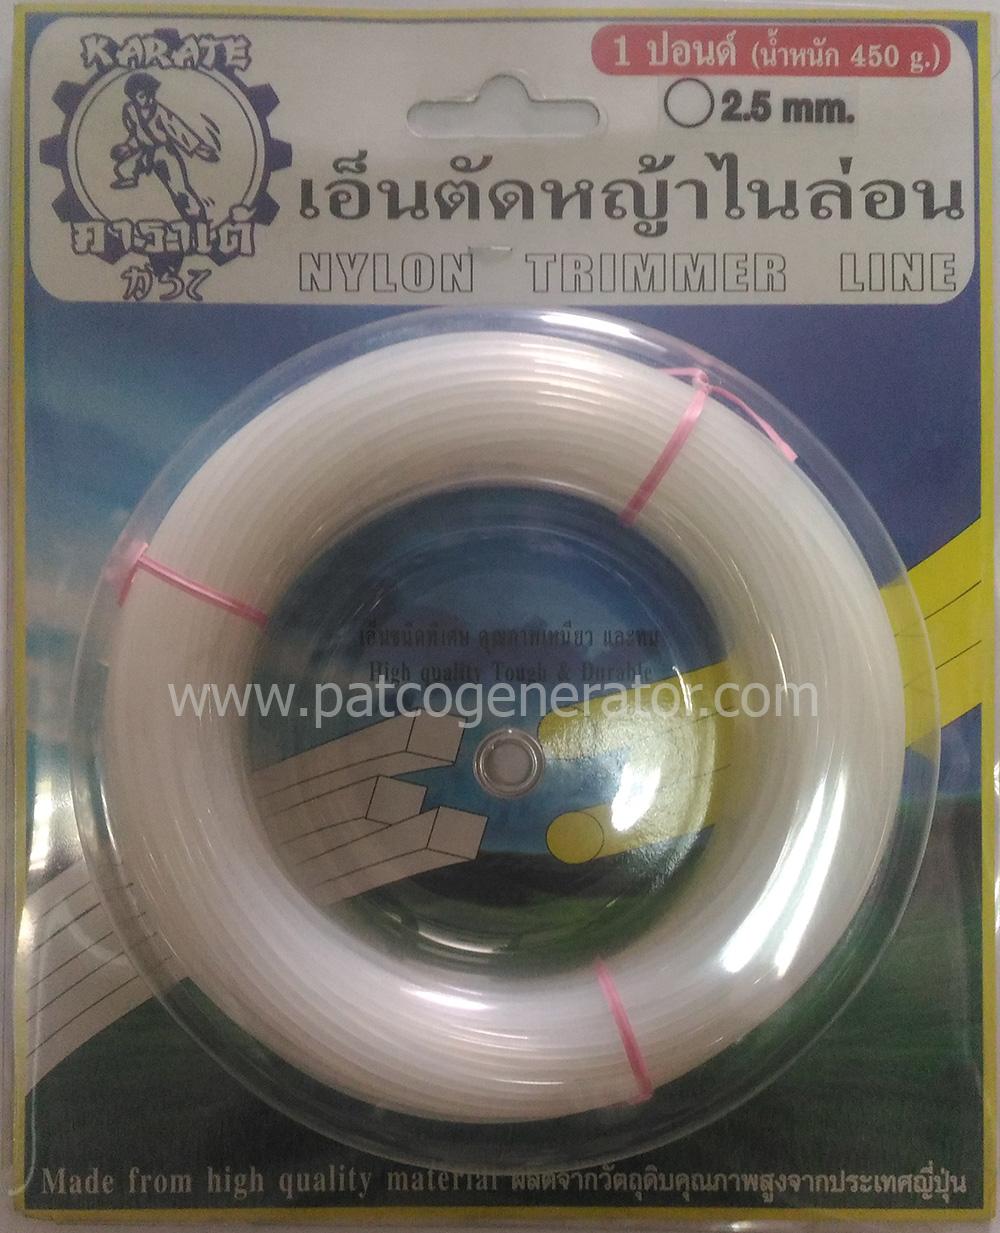 สายเอ็นสำหรับเครื่องตัดหญ้า แบบกลม ขนาด 2.5 มม. หนัก 1 ปอนด์ (Circle net size 2.5 mm. weight 1 pond )